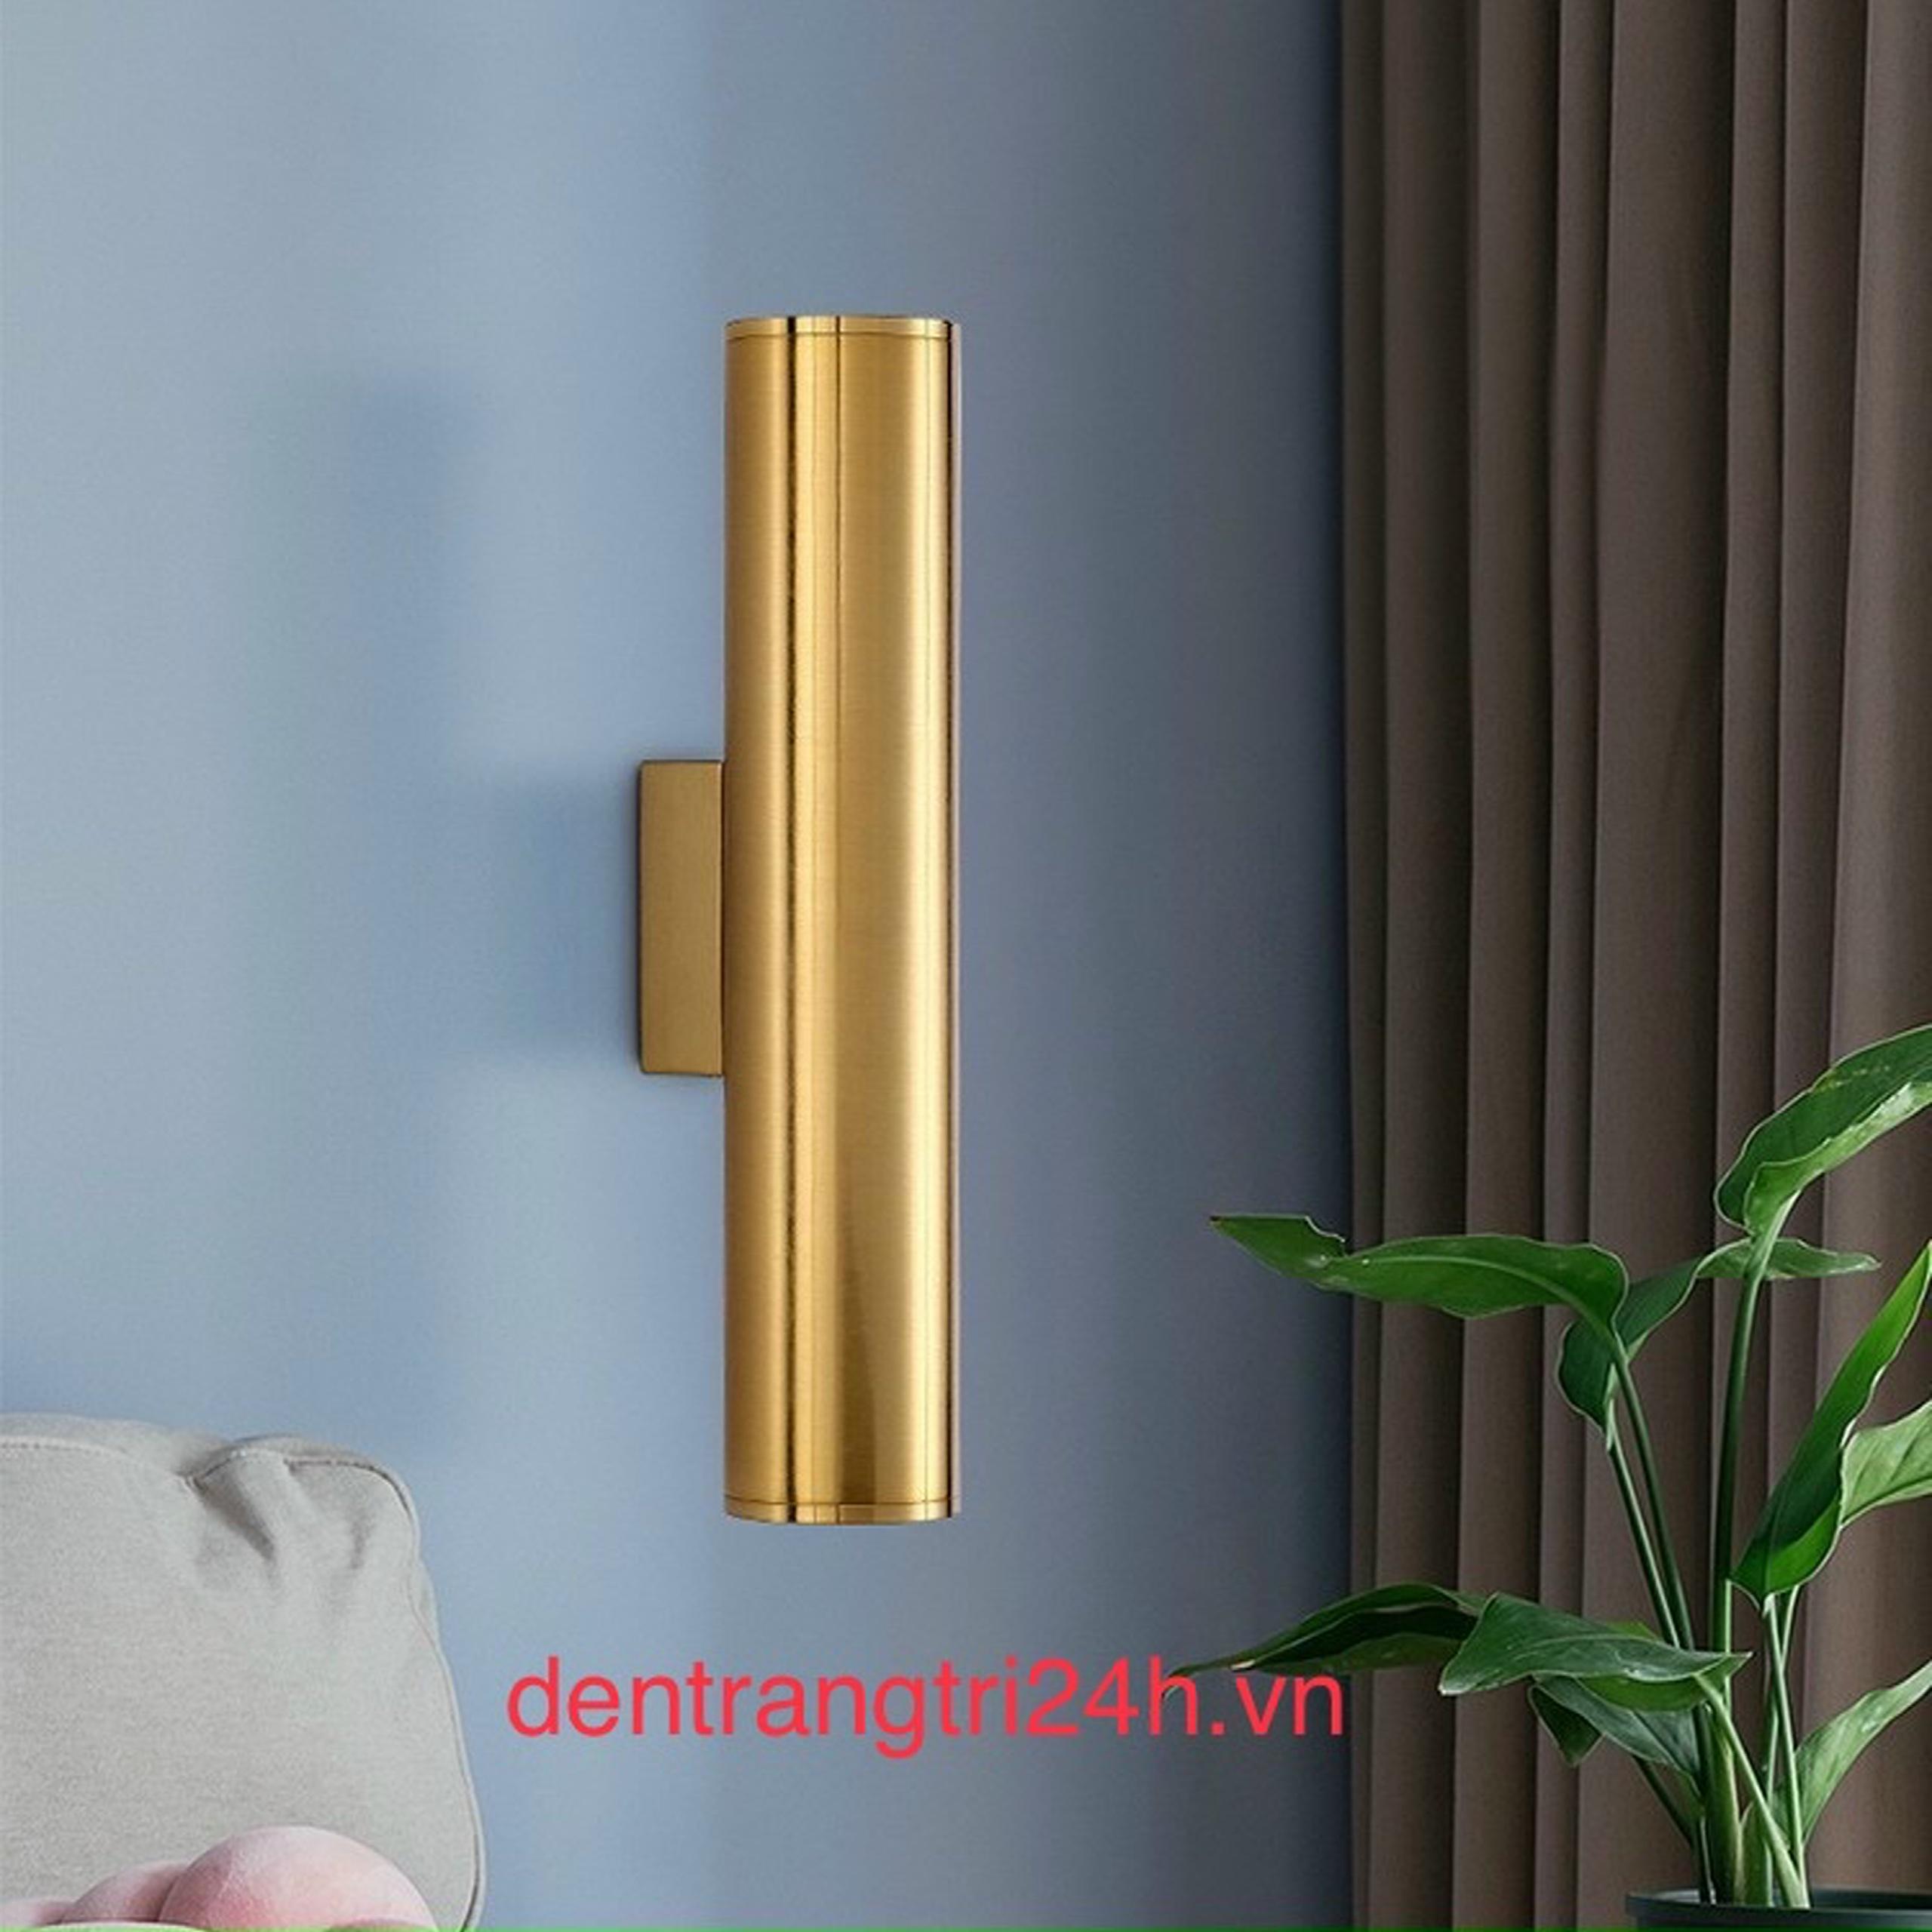 Đèn Tường Trang Trí CTK5 VK.2273 xi vàng Ø80xH300